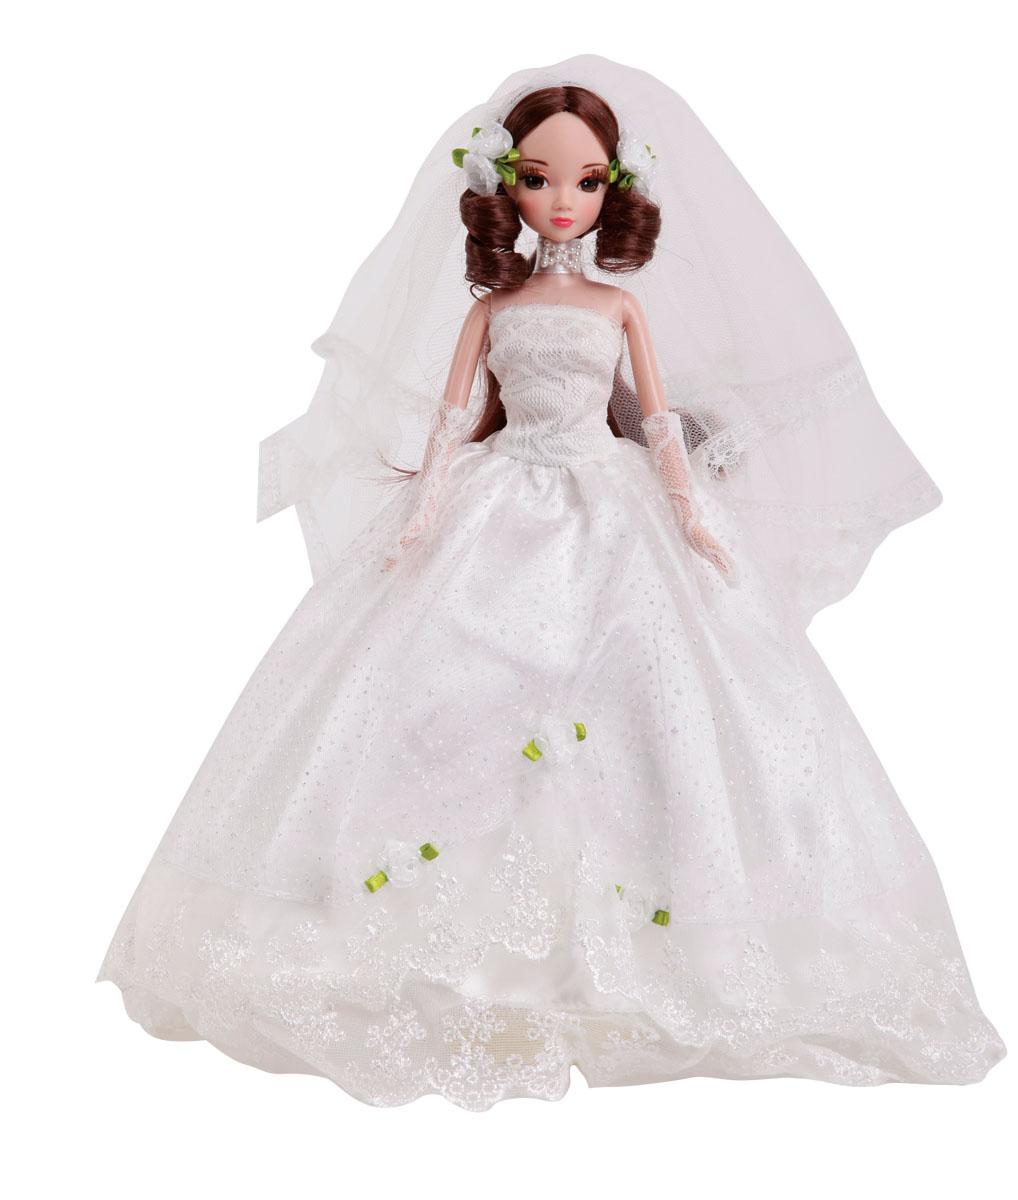 Sonya Rose Кукла Gold Collection Лунный каменьR9038NКукла Sonya Rose Gold Collection. Лунный камен одета в красивое пышное свадебное платье, украшенное блестками и цветочком. Ее длинные густые темные волосы украшены фатой с цветочками. У куколки длинные густые ресницы, красивый макияж и чудесная прическа. Дополнением к наряду идут туфельки в тон платью, ажурные перчатки и декоративный воротничок с бантиком из бусин. Руки, ножки и голова куколки подвижны. В комплект входит вертикальная подставка для куколки. Такая очаровательная кукла обязательно понравится вашей малышке.